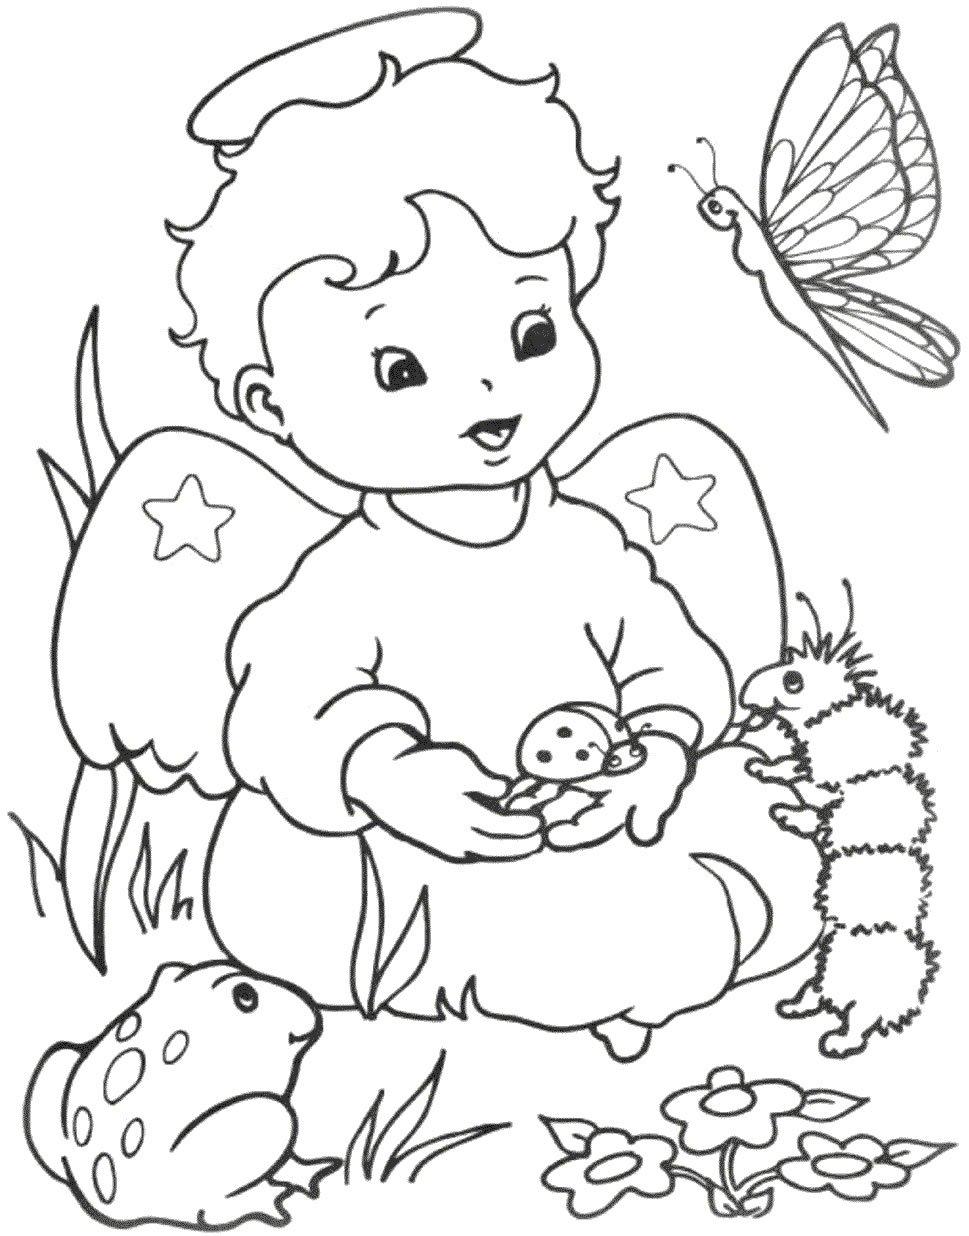 Desenhos Para Colorir De Anjinhos